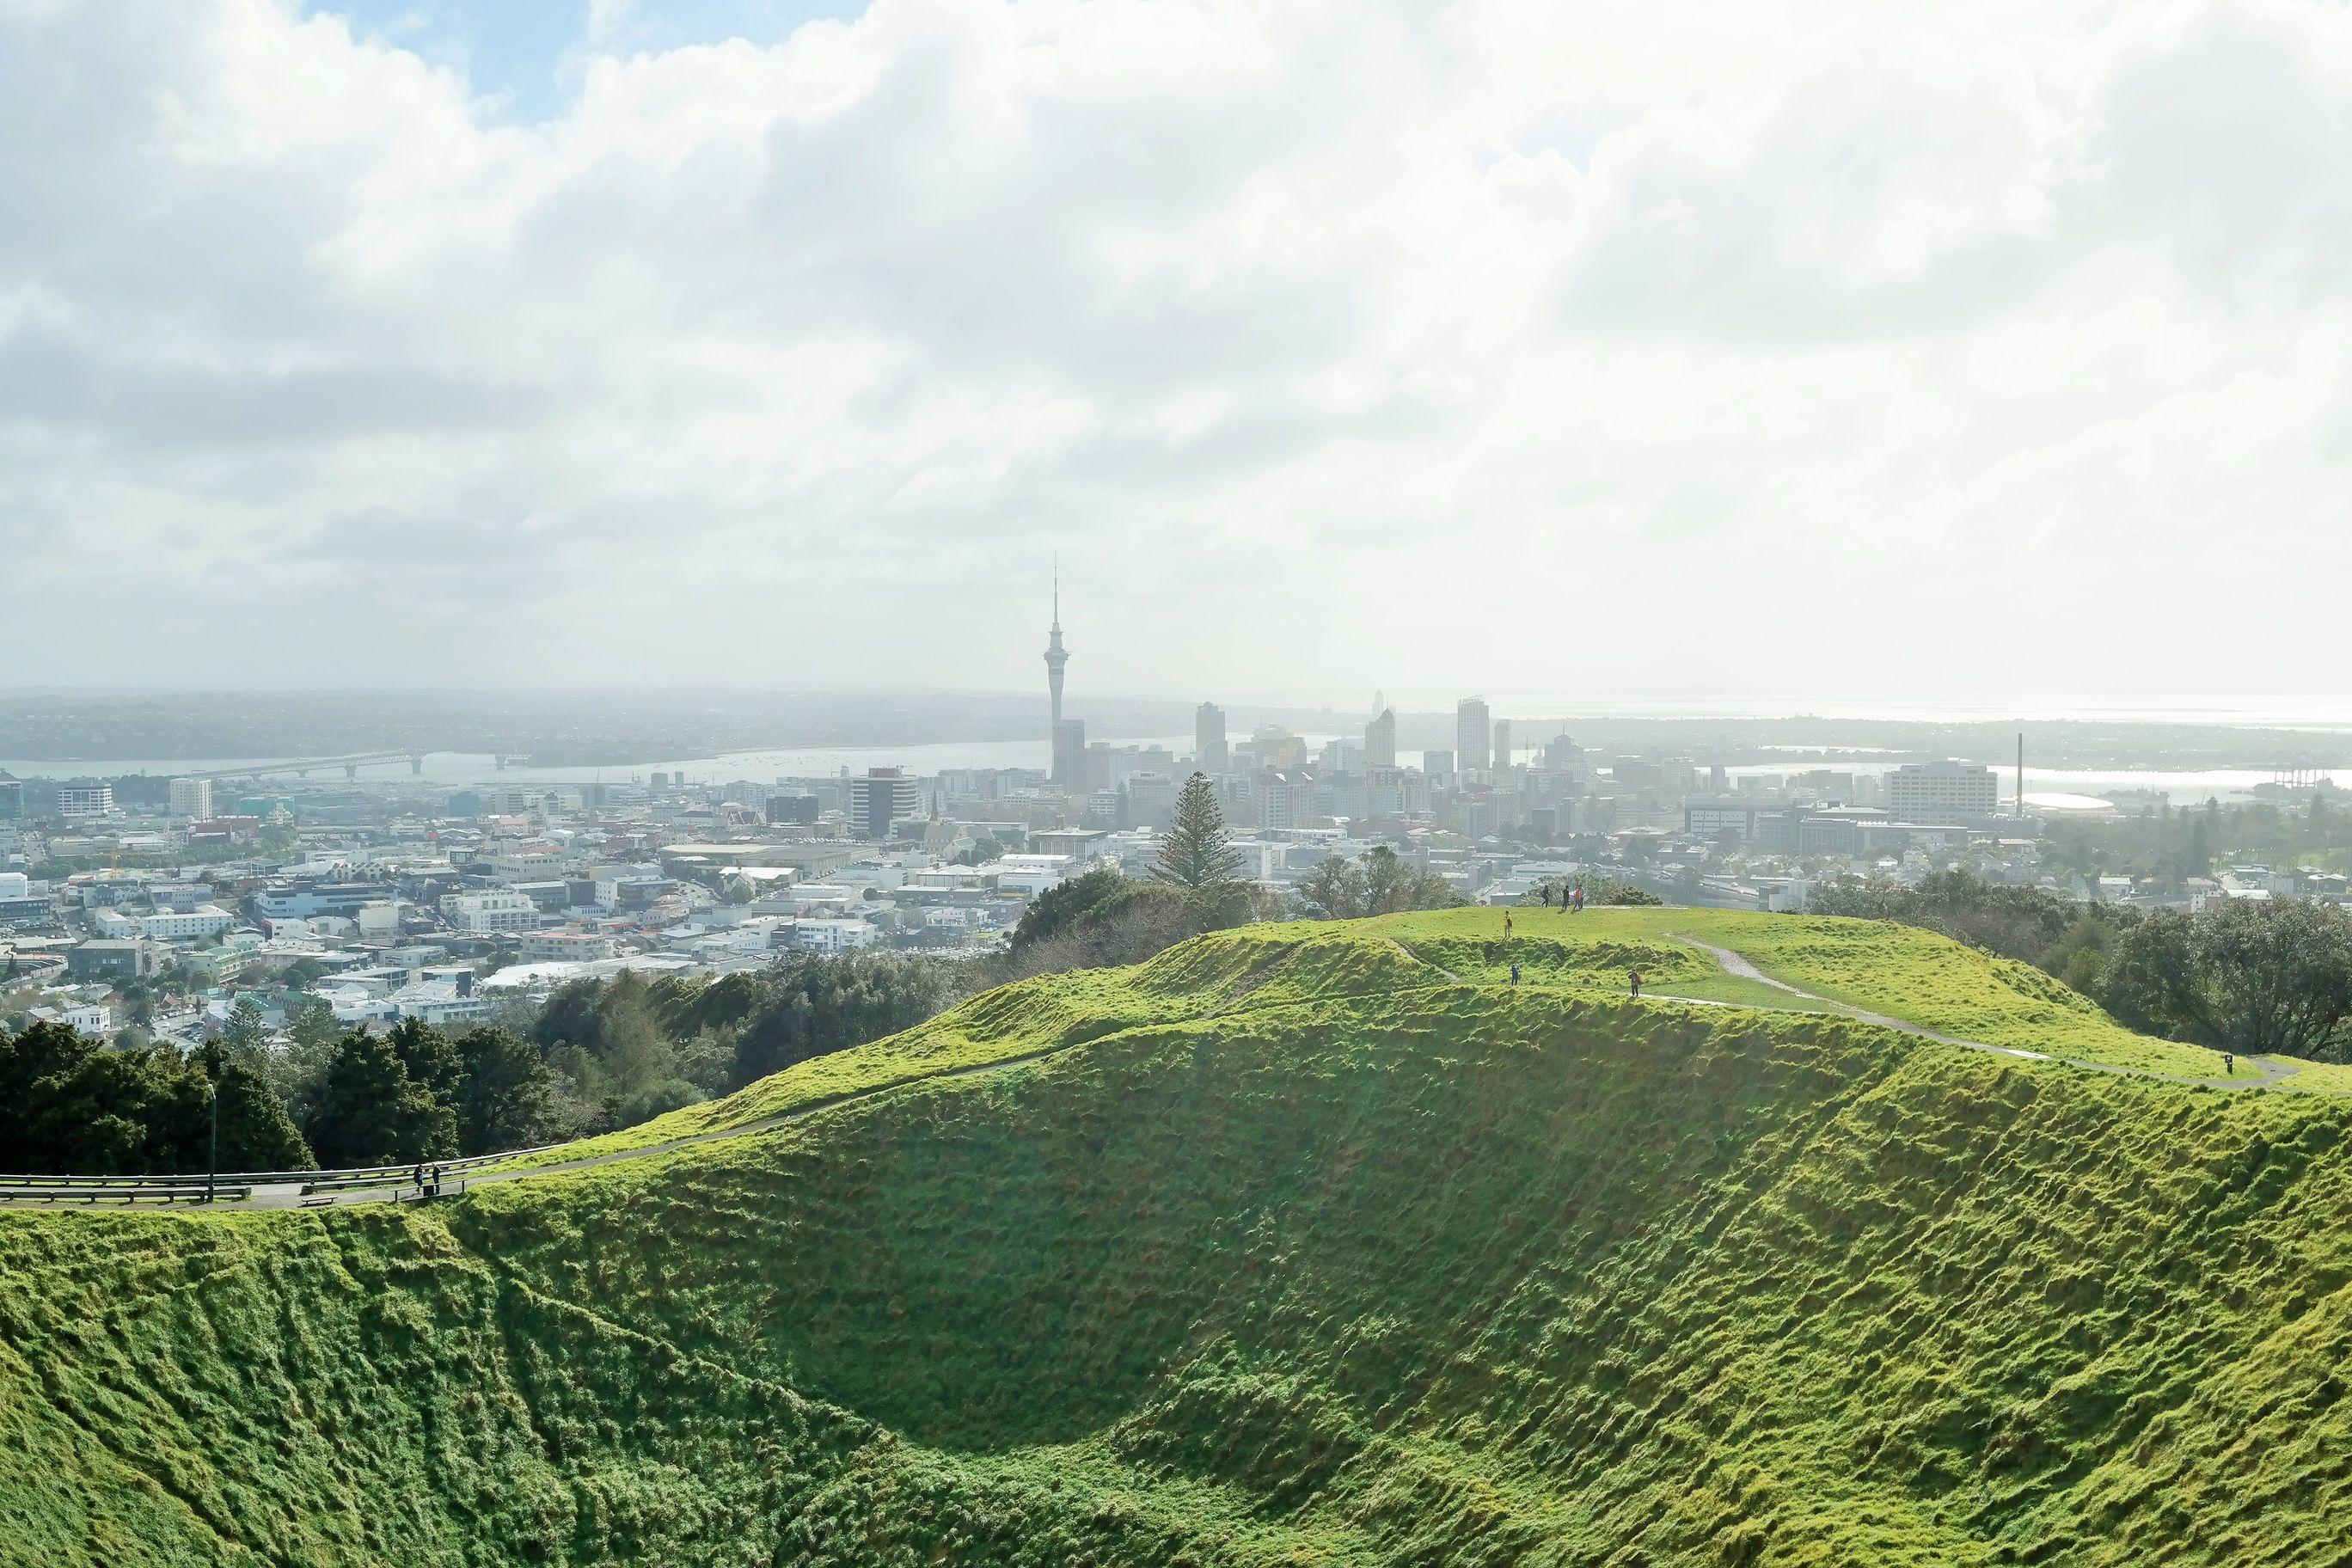 Louez auprès dhabitants à Auckland, Nouvelle-Zélande à partir de 18€ par nuit.